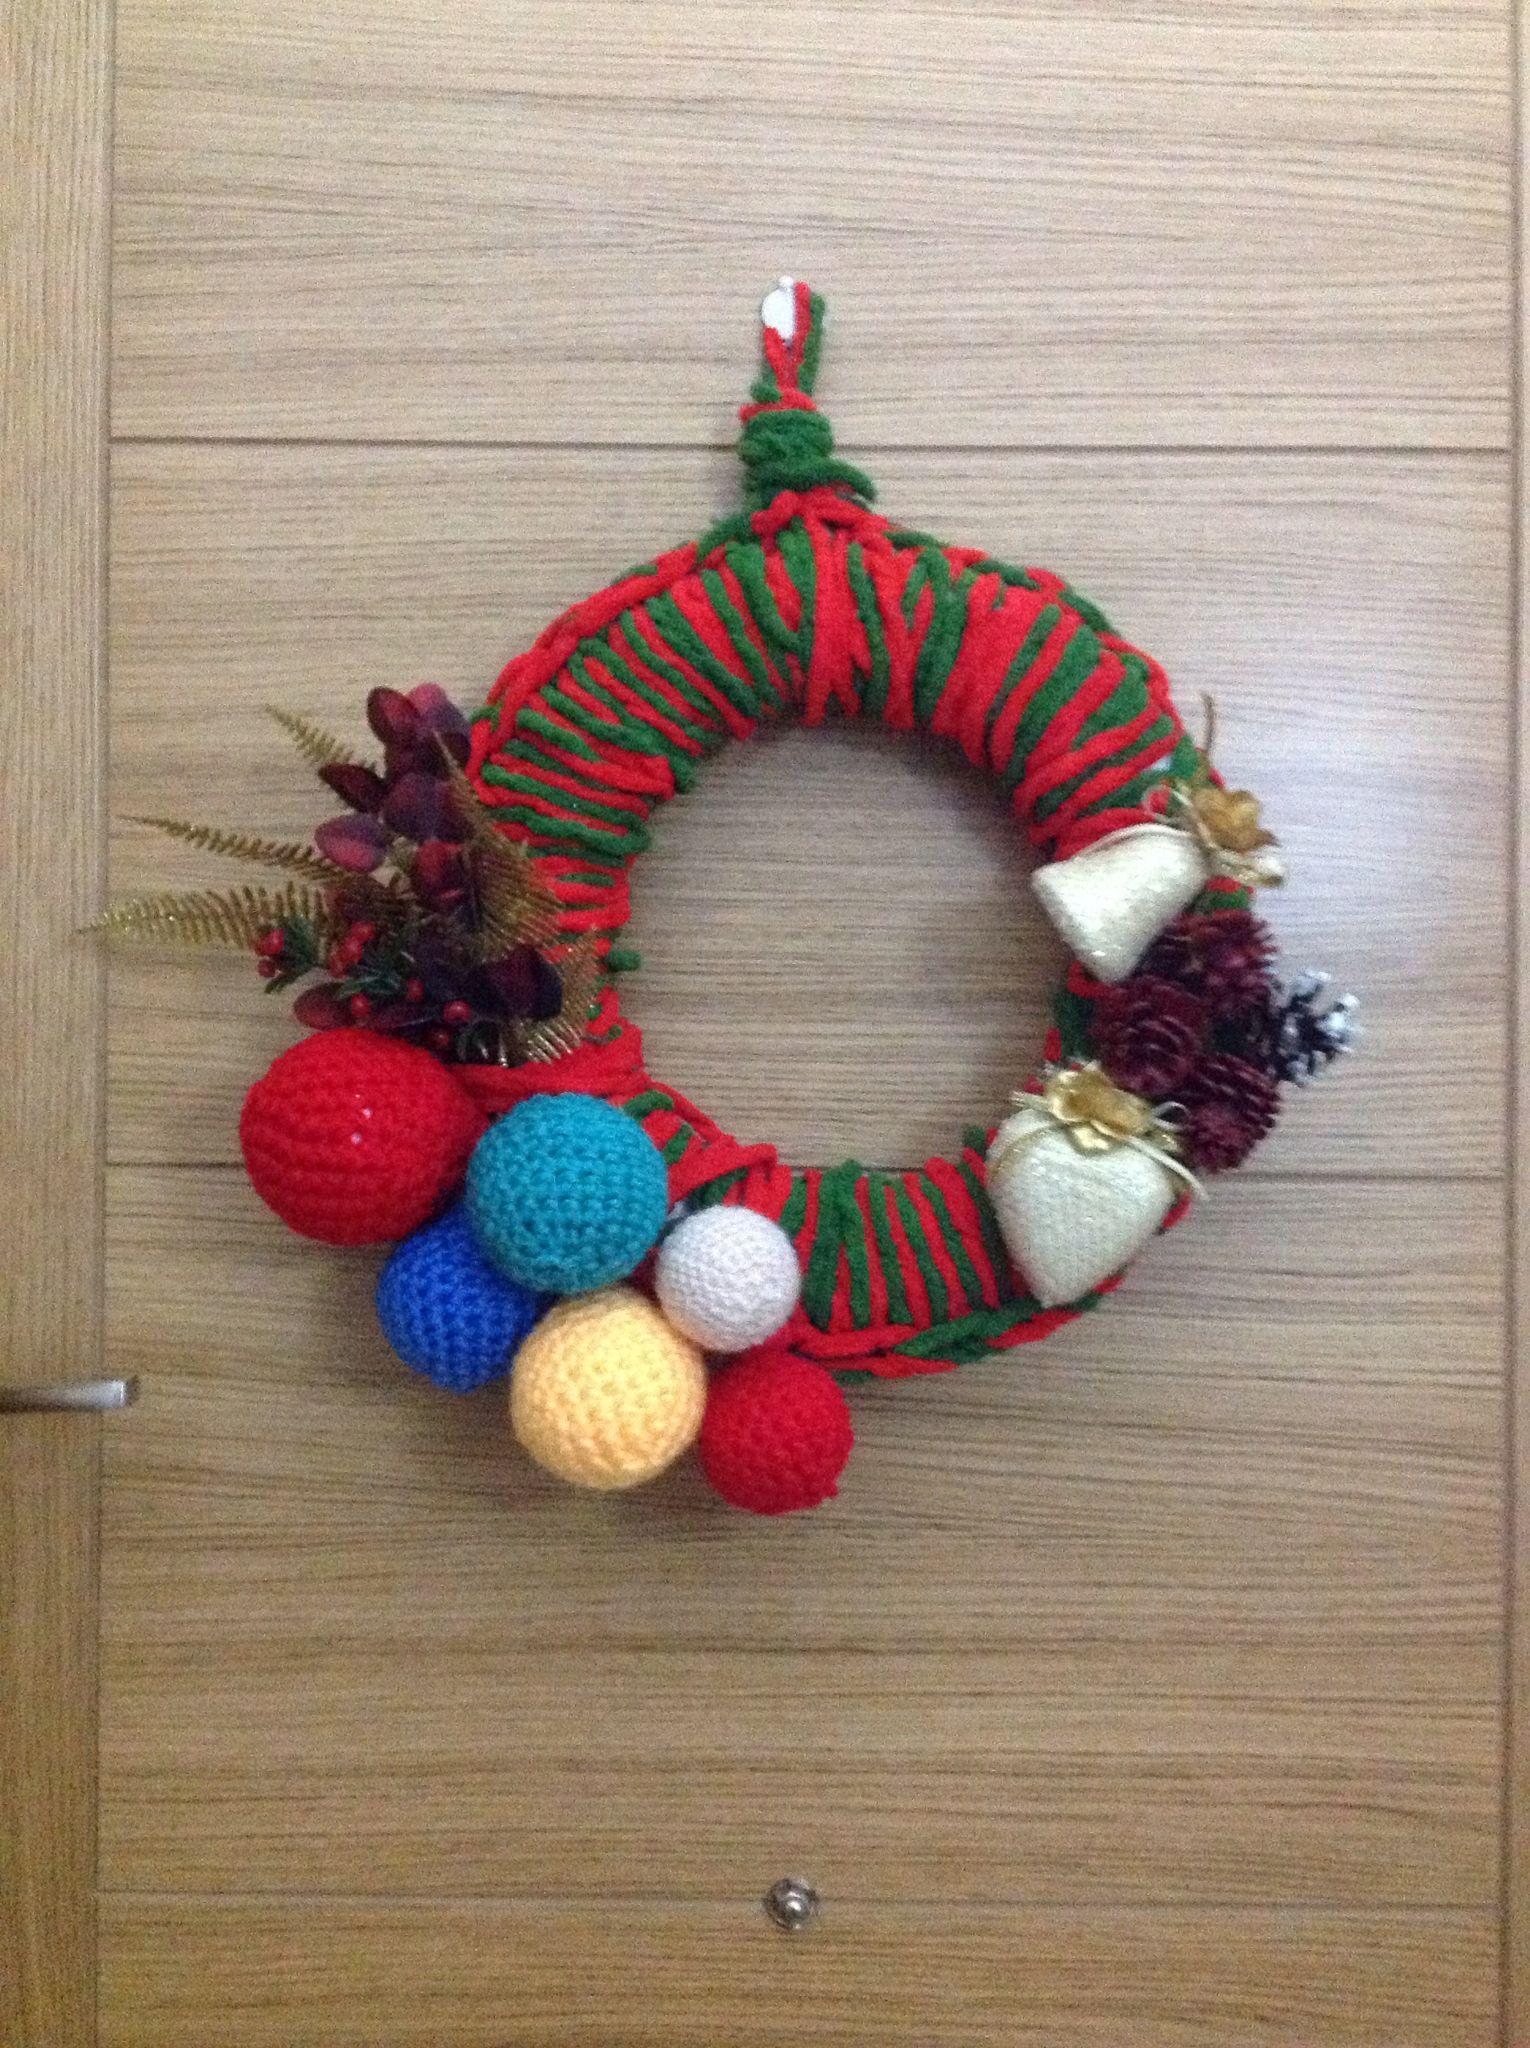 Diy corona de navidad hecha con lana y adornos bolas - Adornos de navidad hechos a mano ...